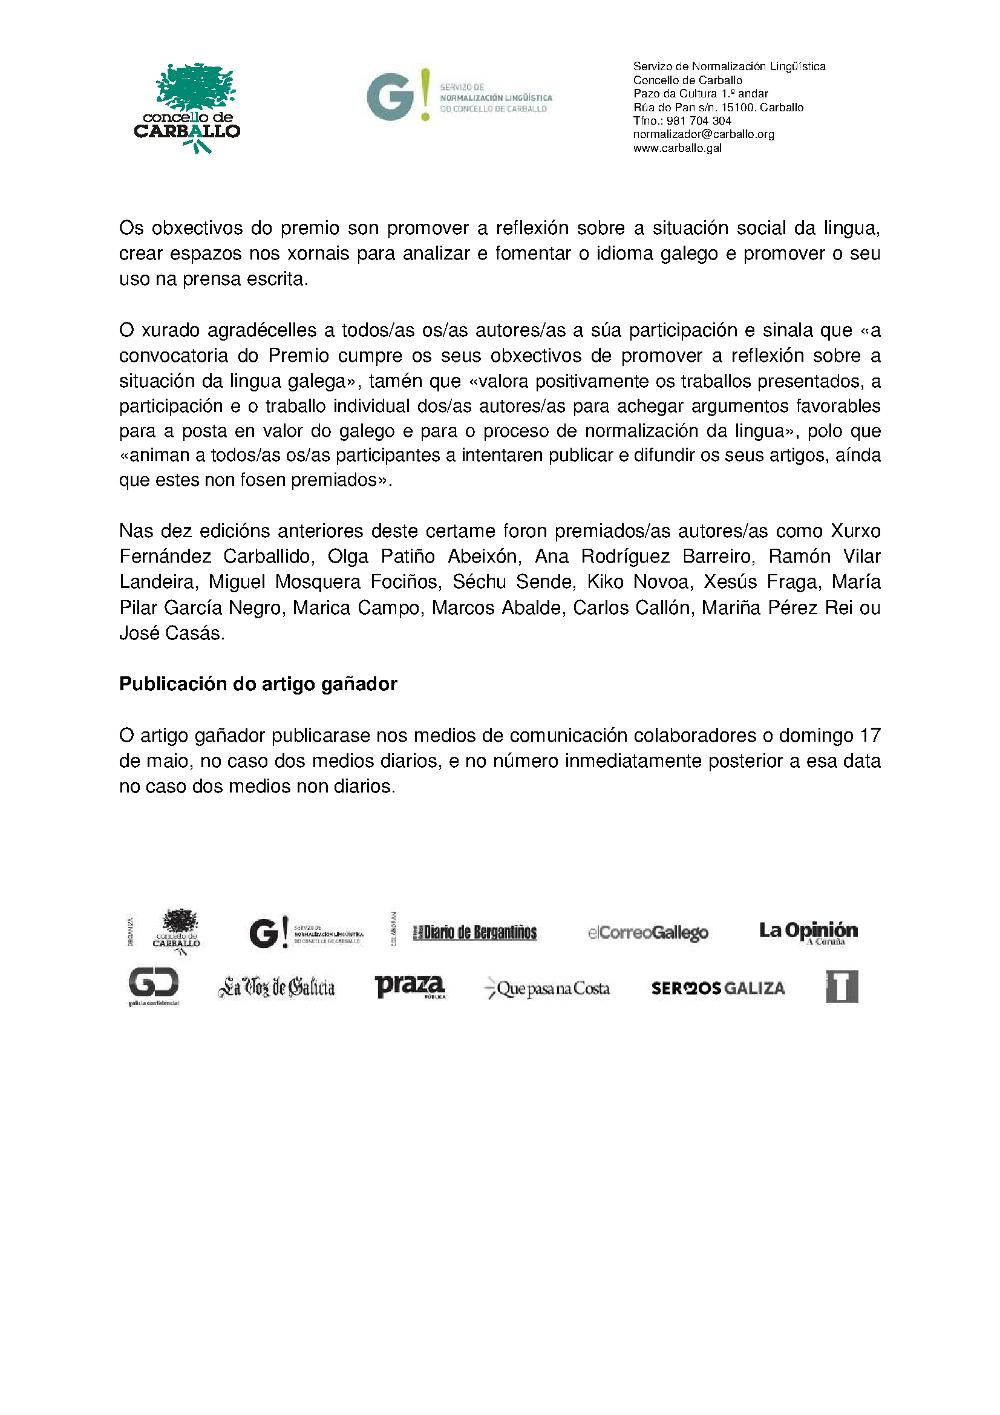 Resolución XI Premio artigos normalizadores Carballo 2